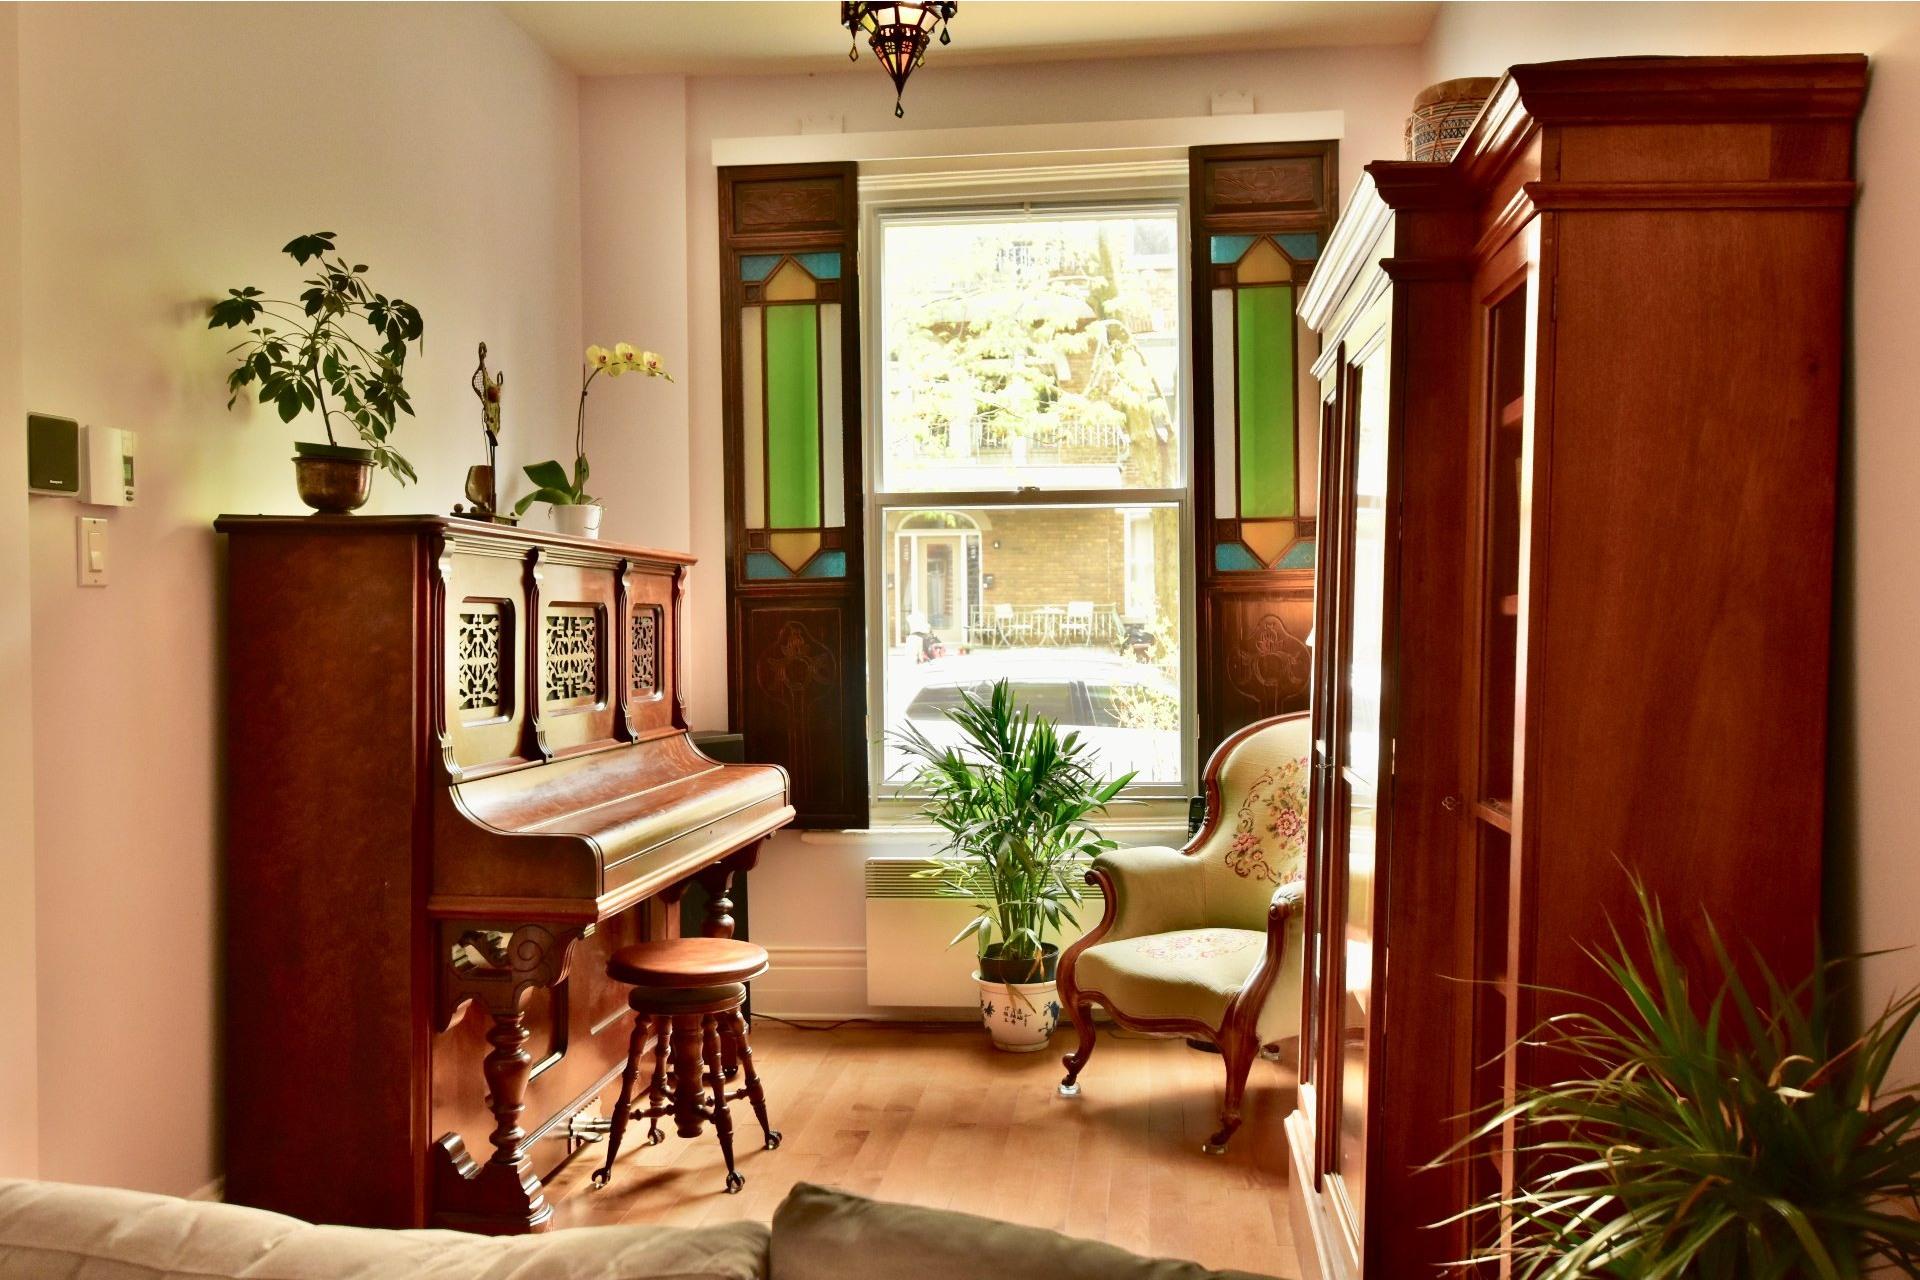 image 2 - Maison À louer Montréal Le Plateau-Mont-Royal  - 14 pièces